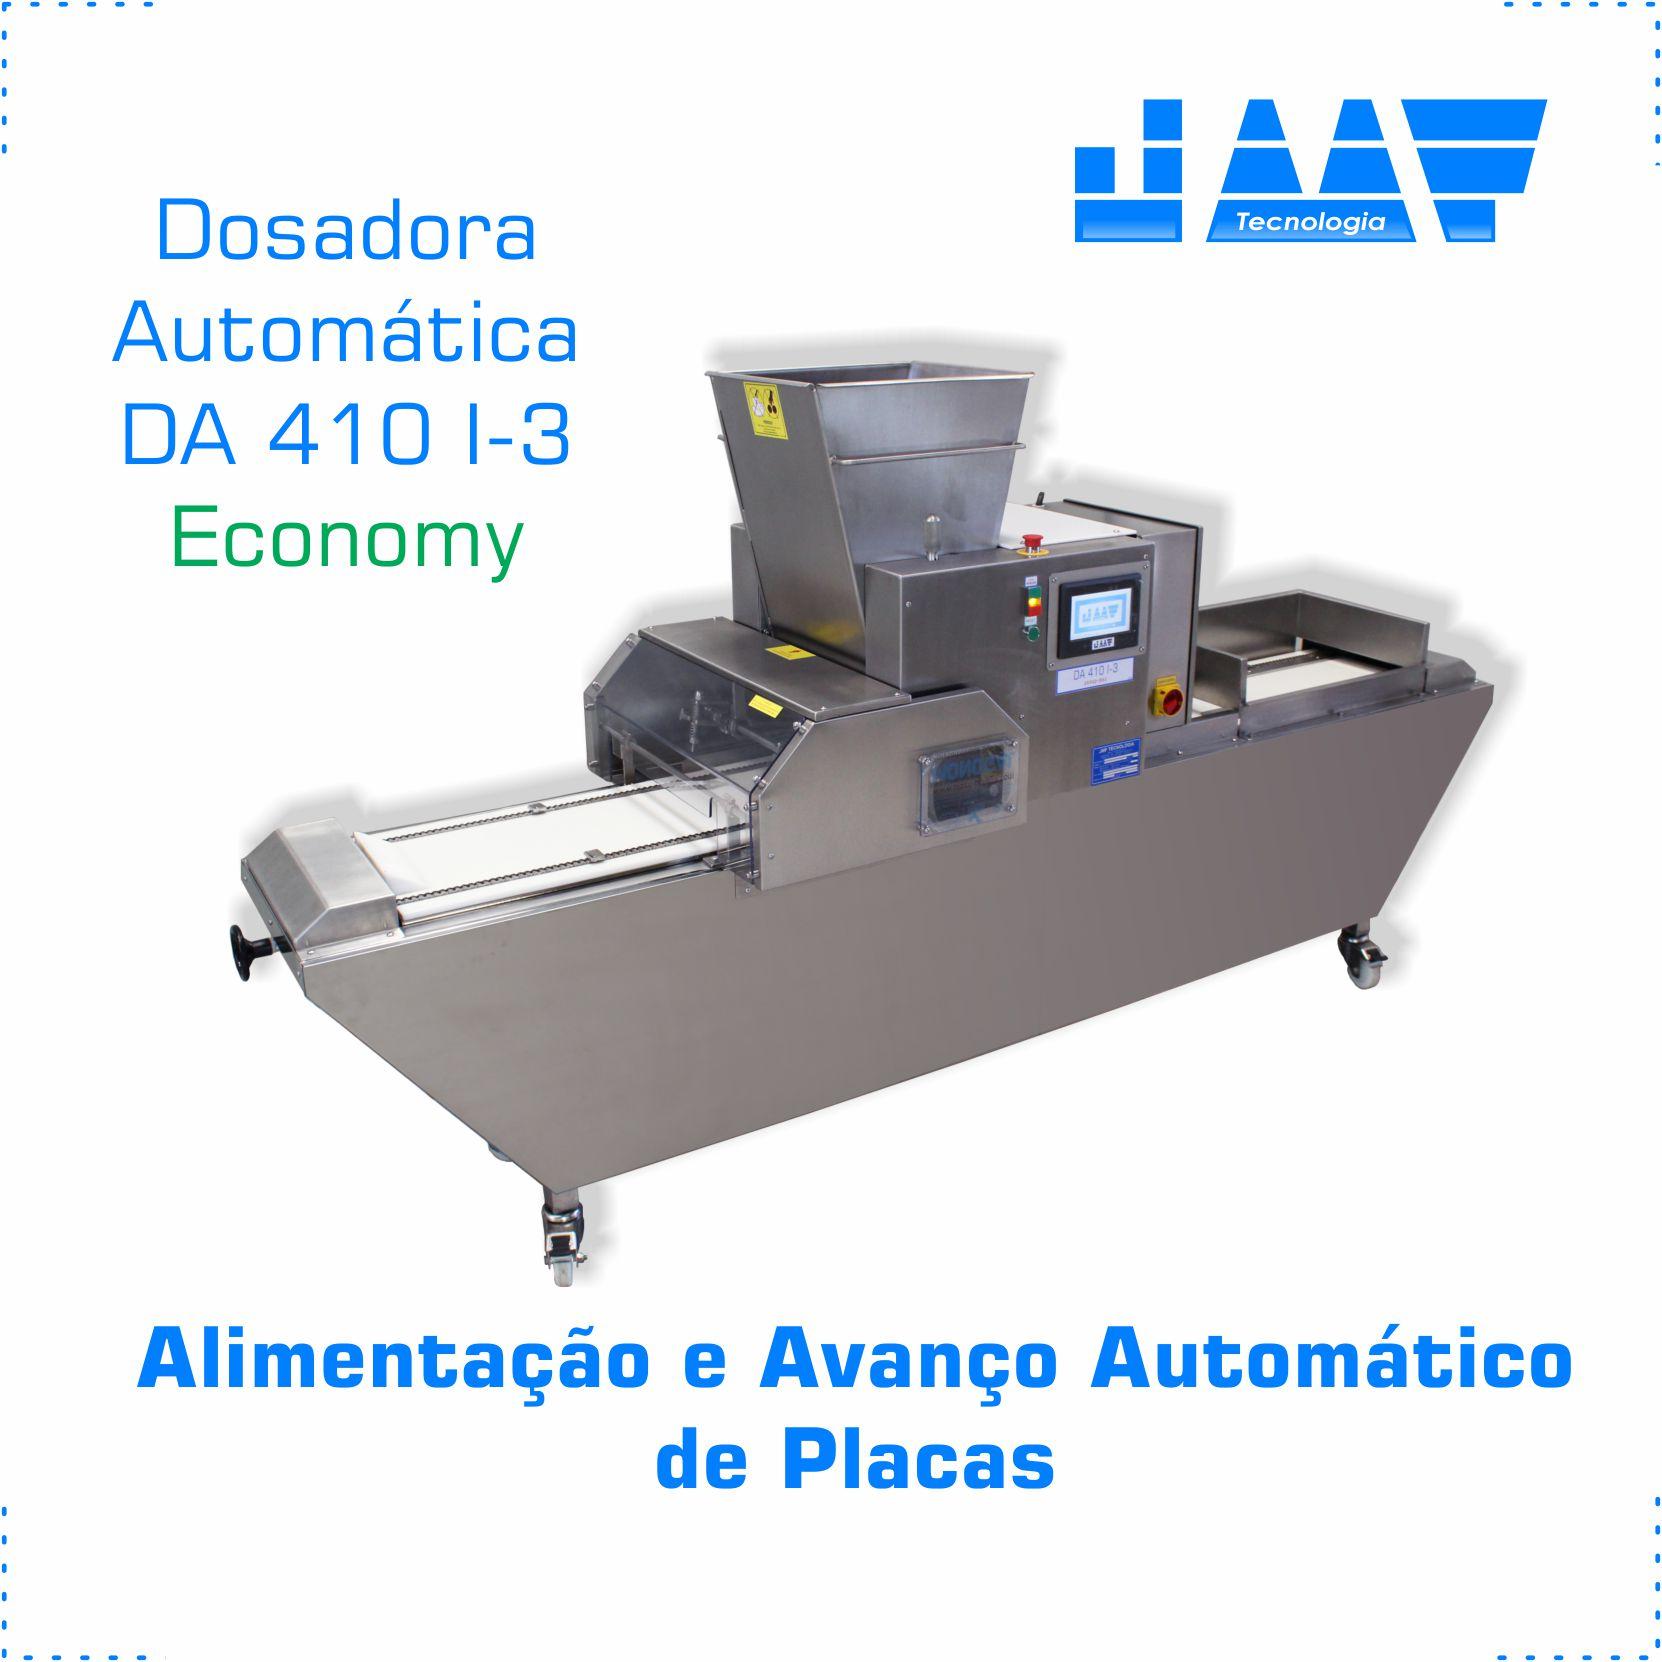 Dosadora Automática (Economy)